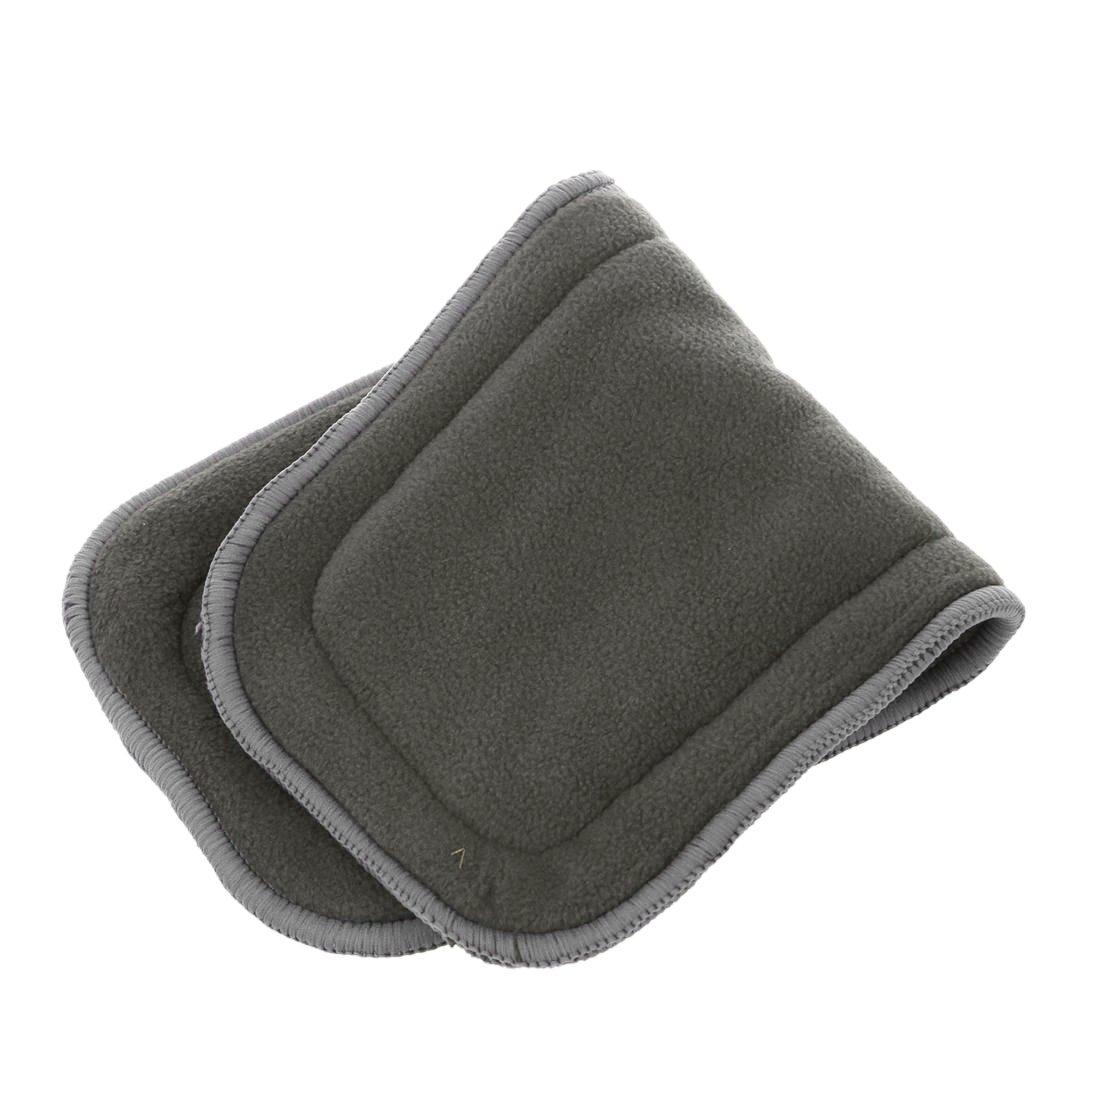 Panales de fibra de bambu - TOOGOO(R)Panales Metedor tela lavable de carbon de fibra de bambu Inserta reutilizables 5 capas Gris: Amazon.es: Bebé